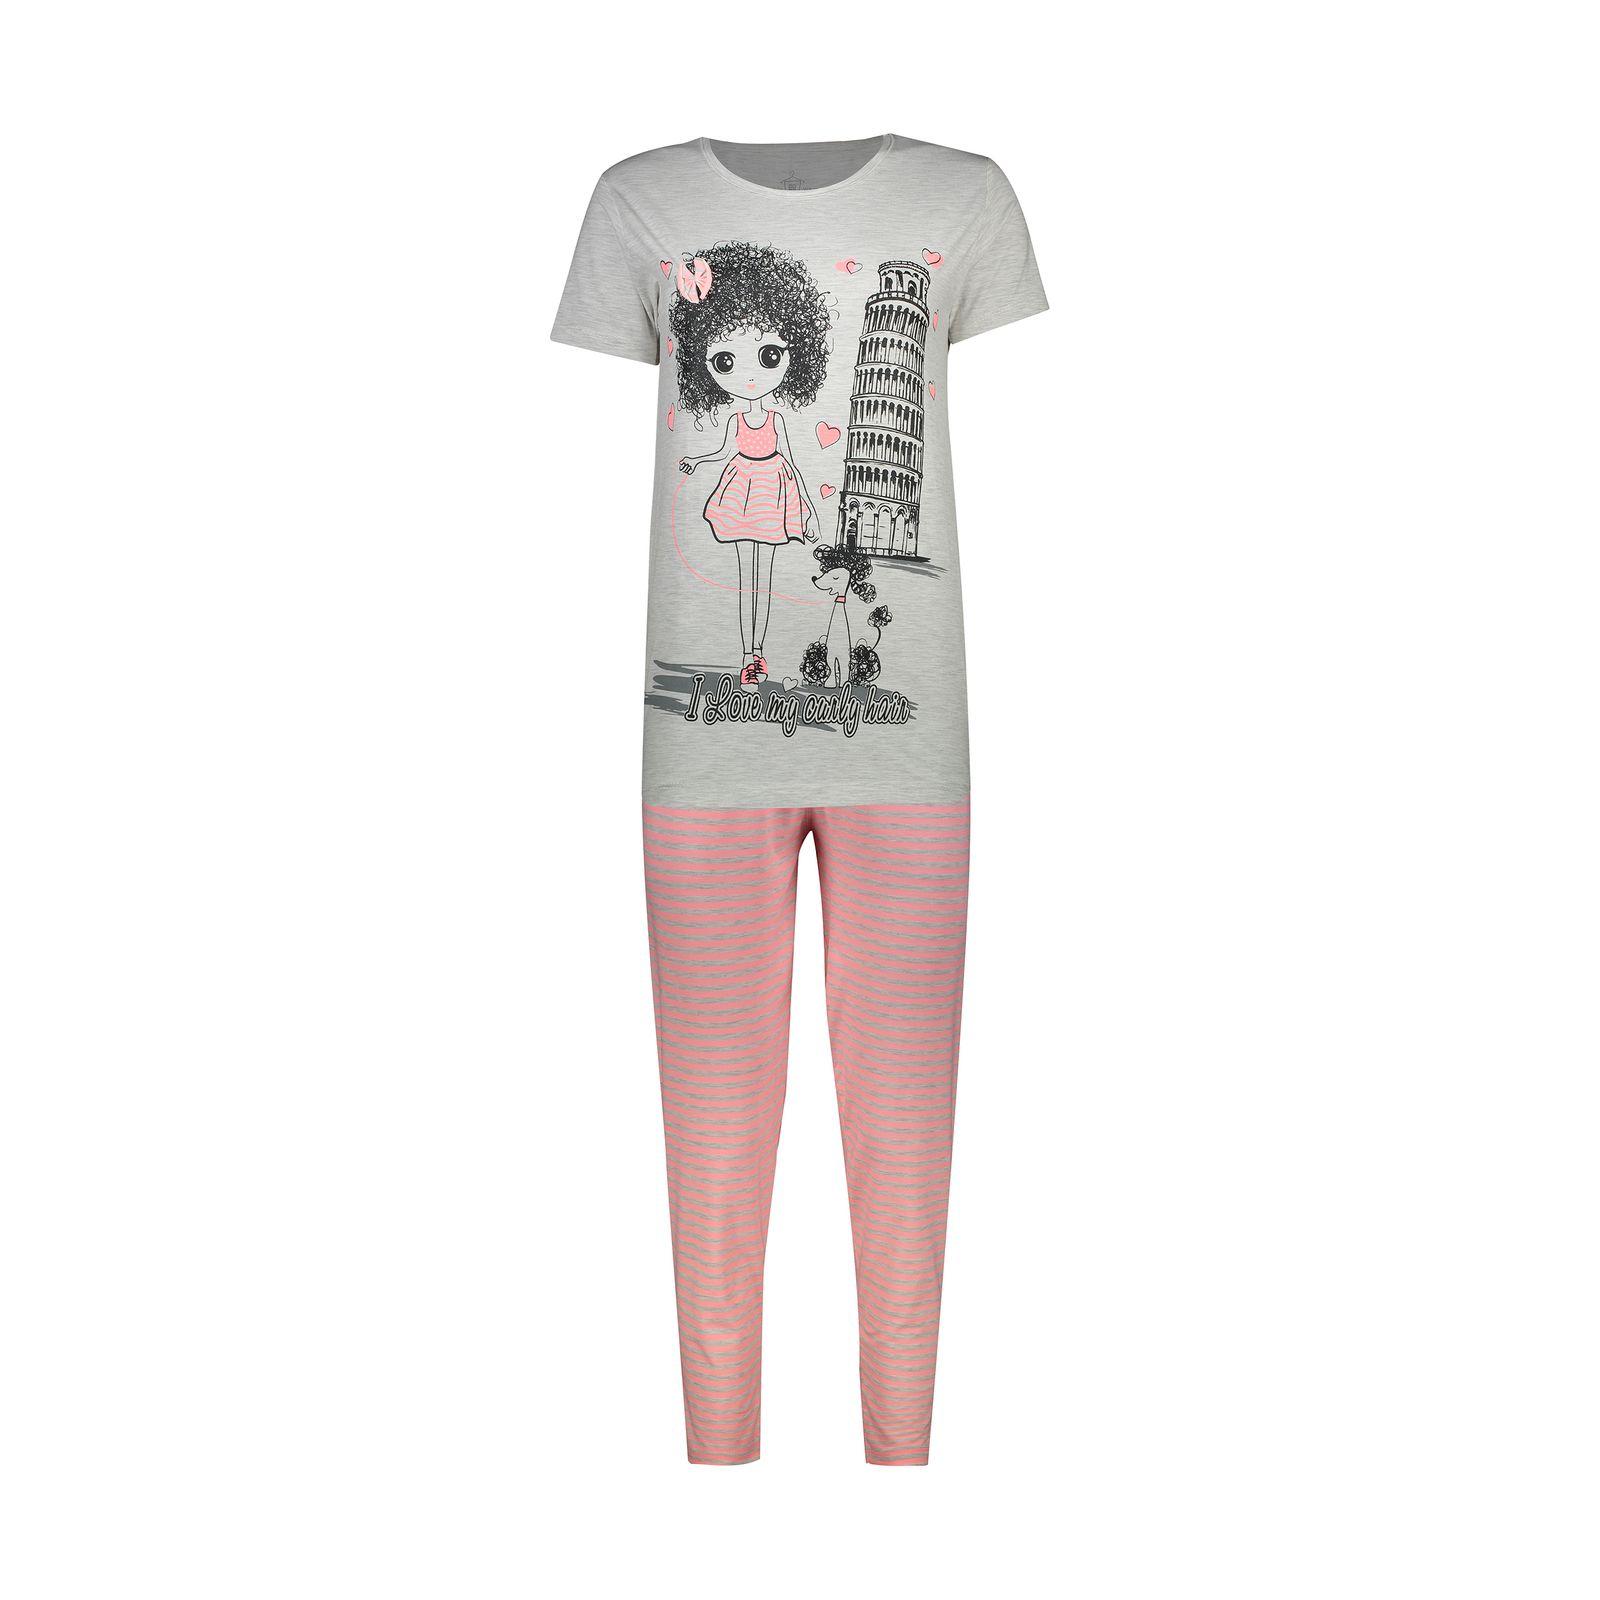 ست تی شرت و شلوار زنانه فمیلی ور طرح دخترکد 0224 -  - 2